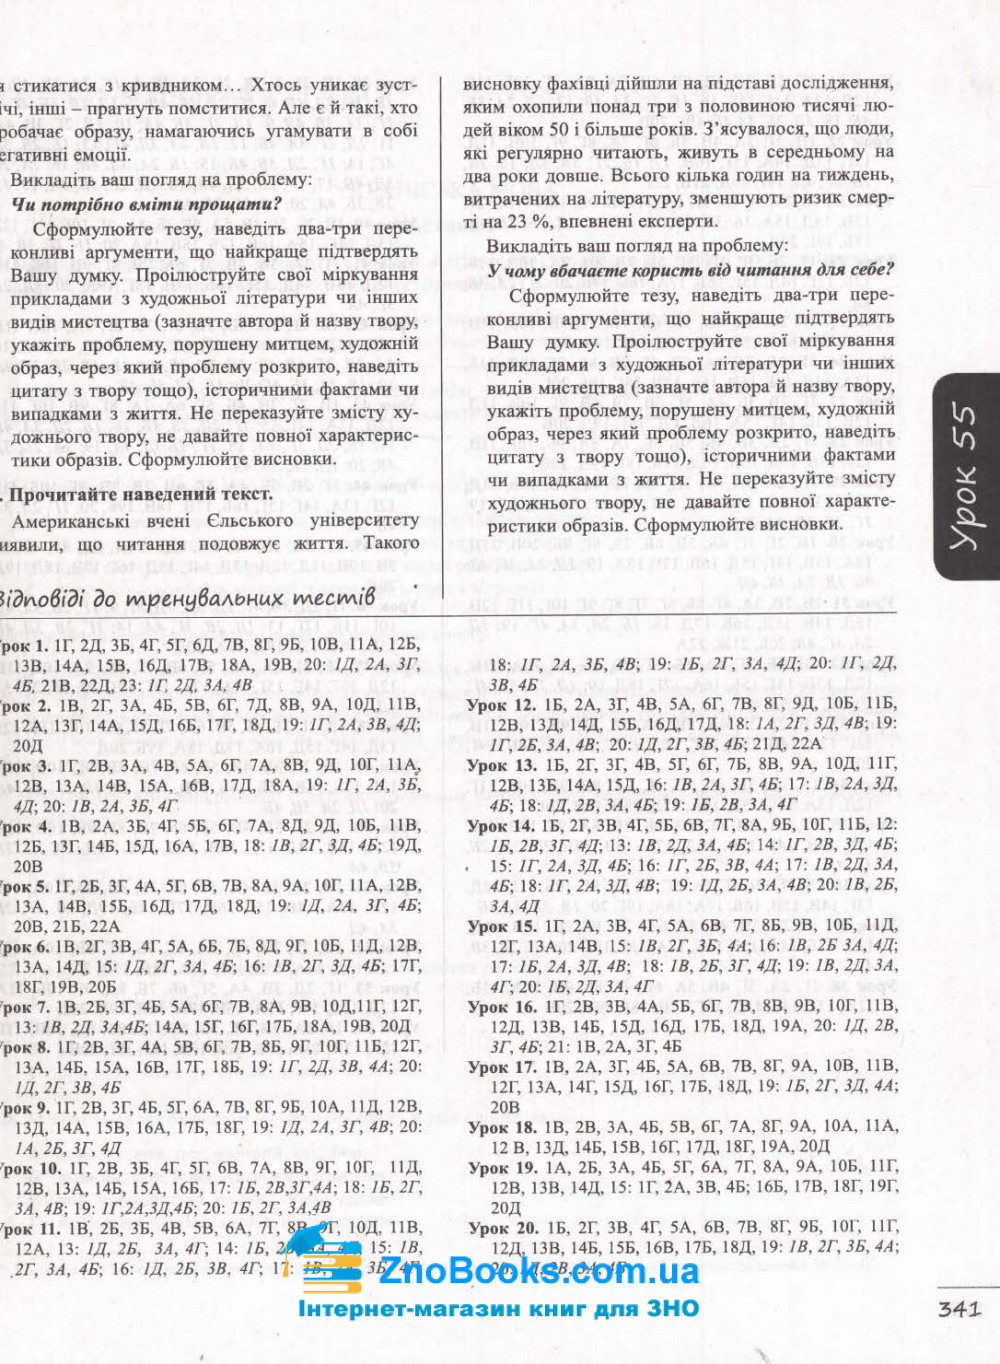 ЗНО 2022 Українська мова. Комплексне видання + ДПА : Данилевська О. Літера. купити 10